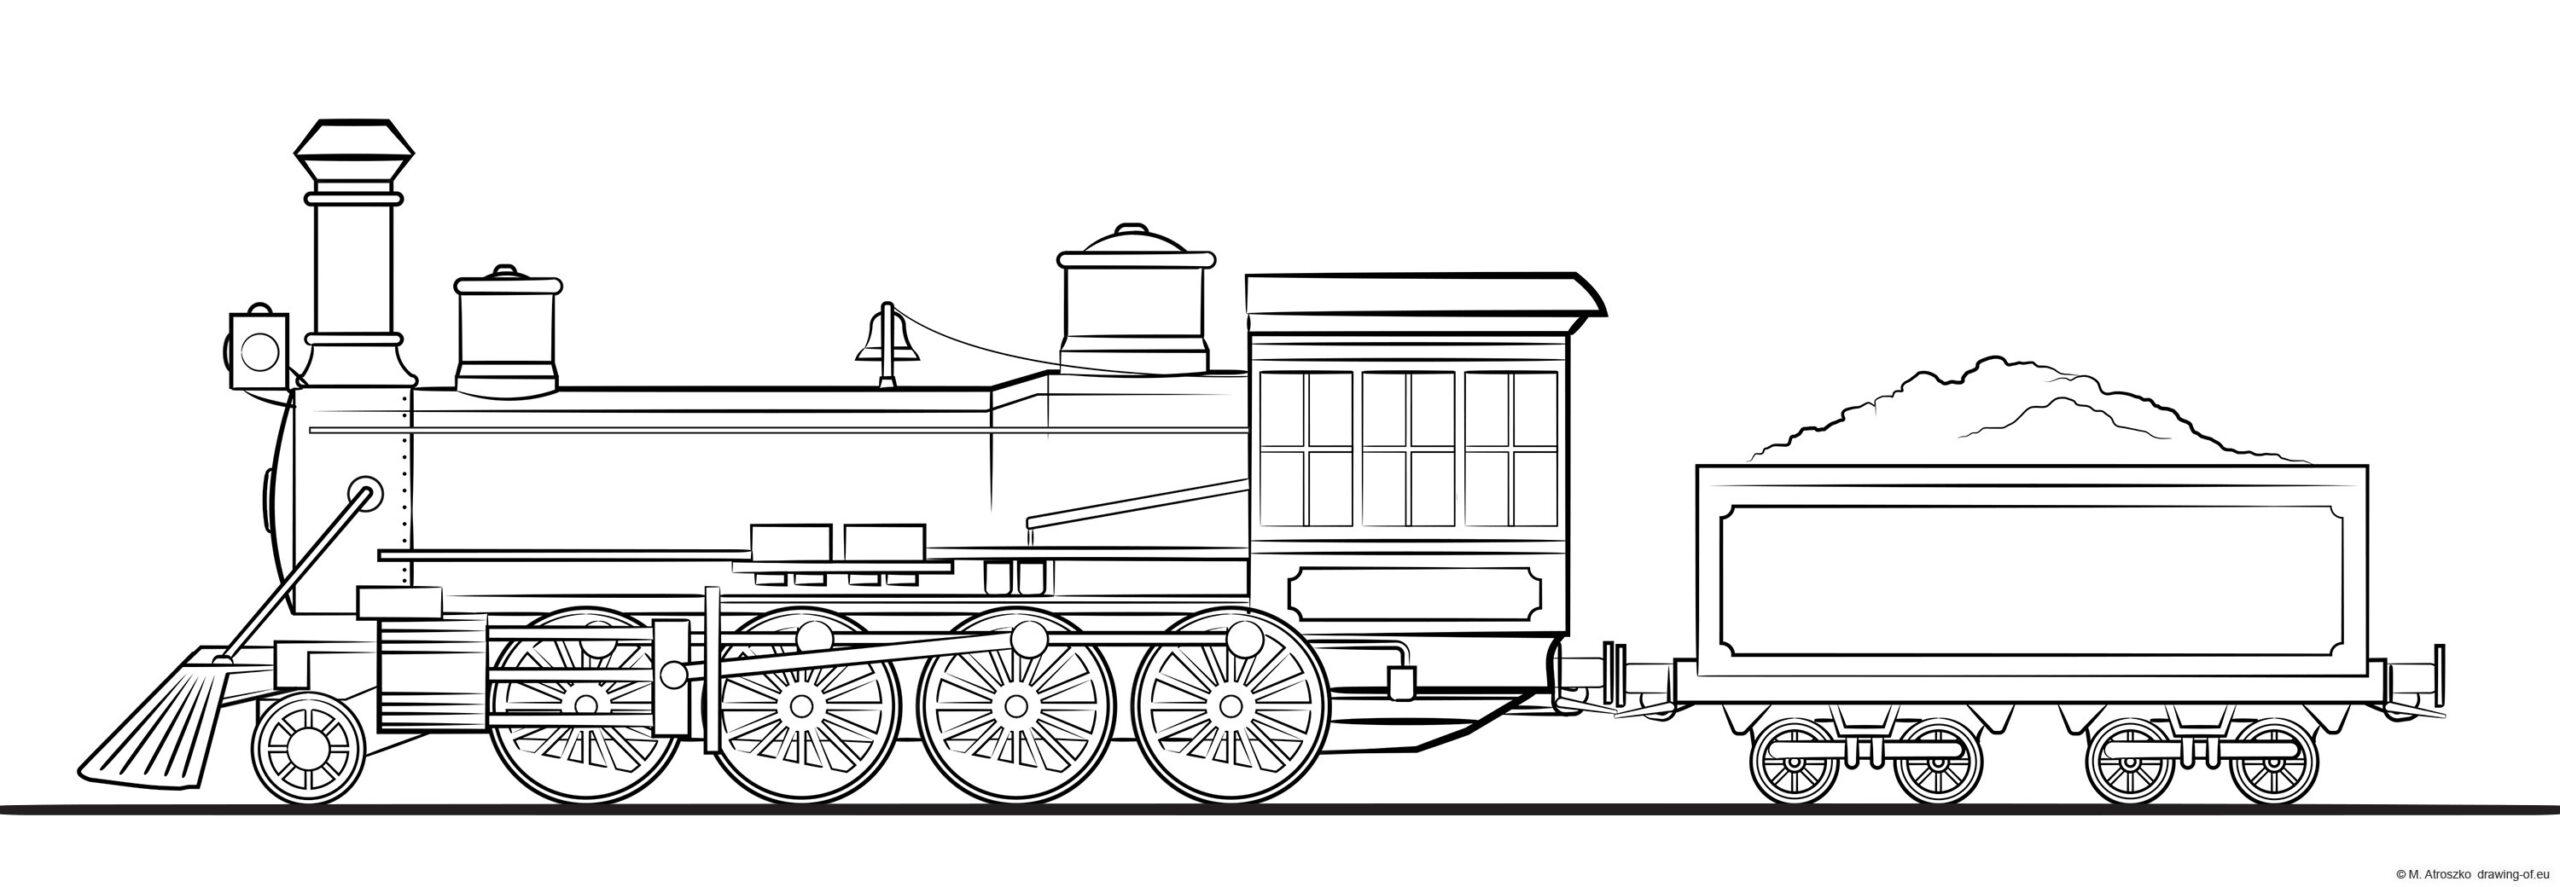 steam train - locomotive with tender